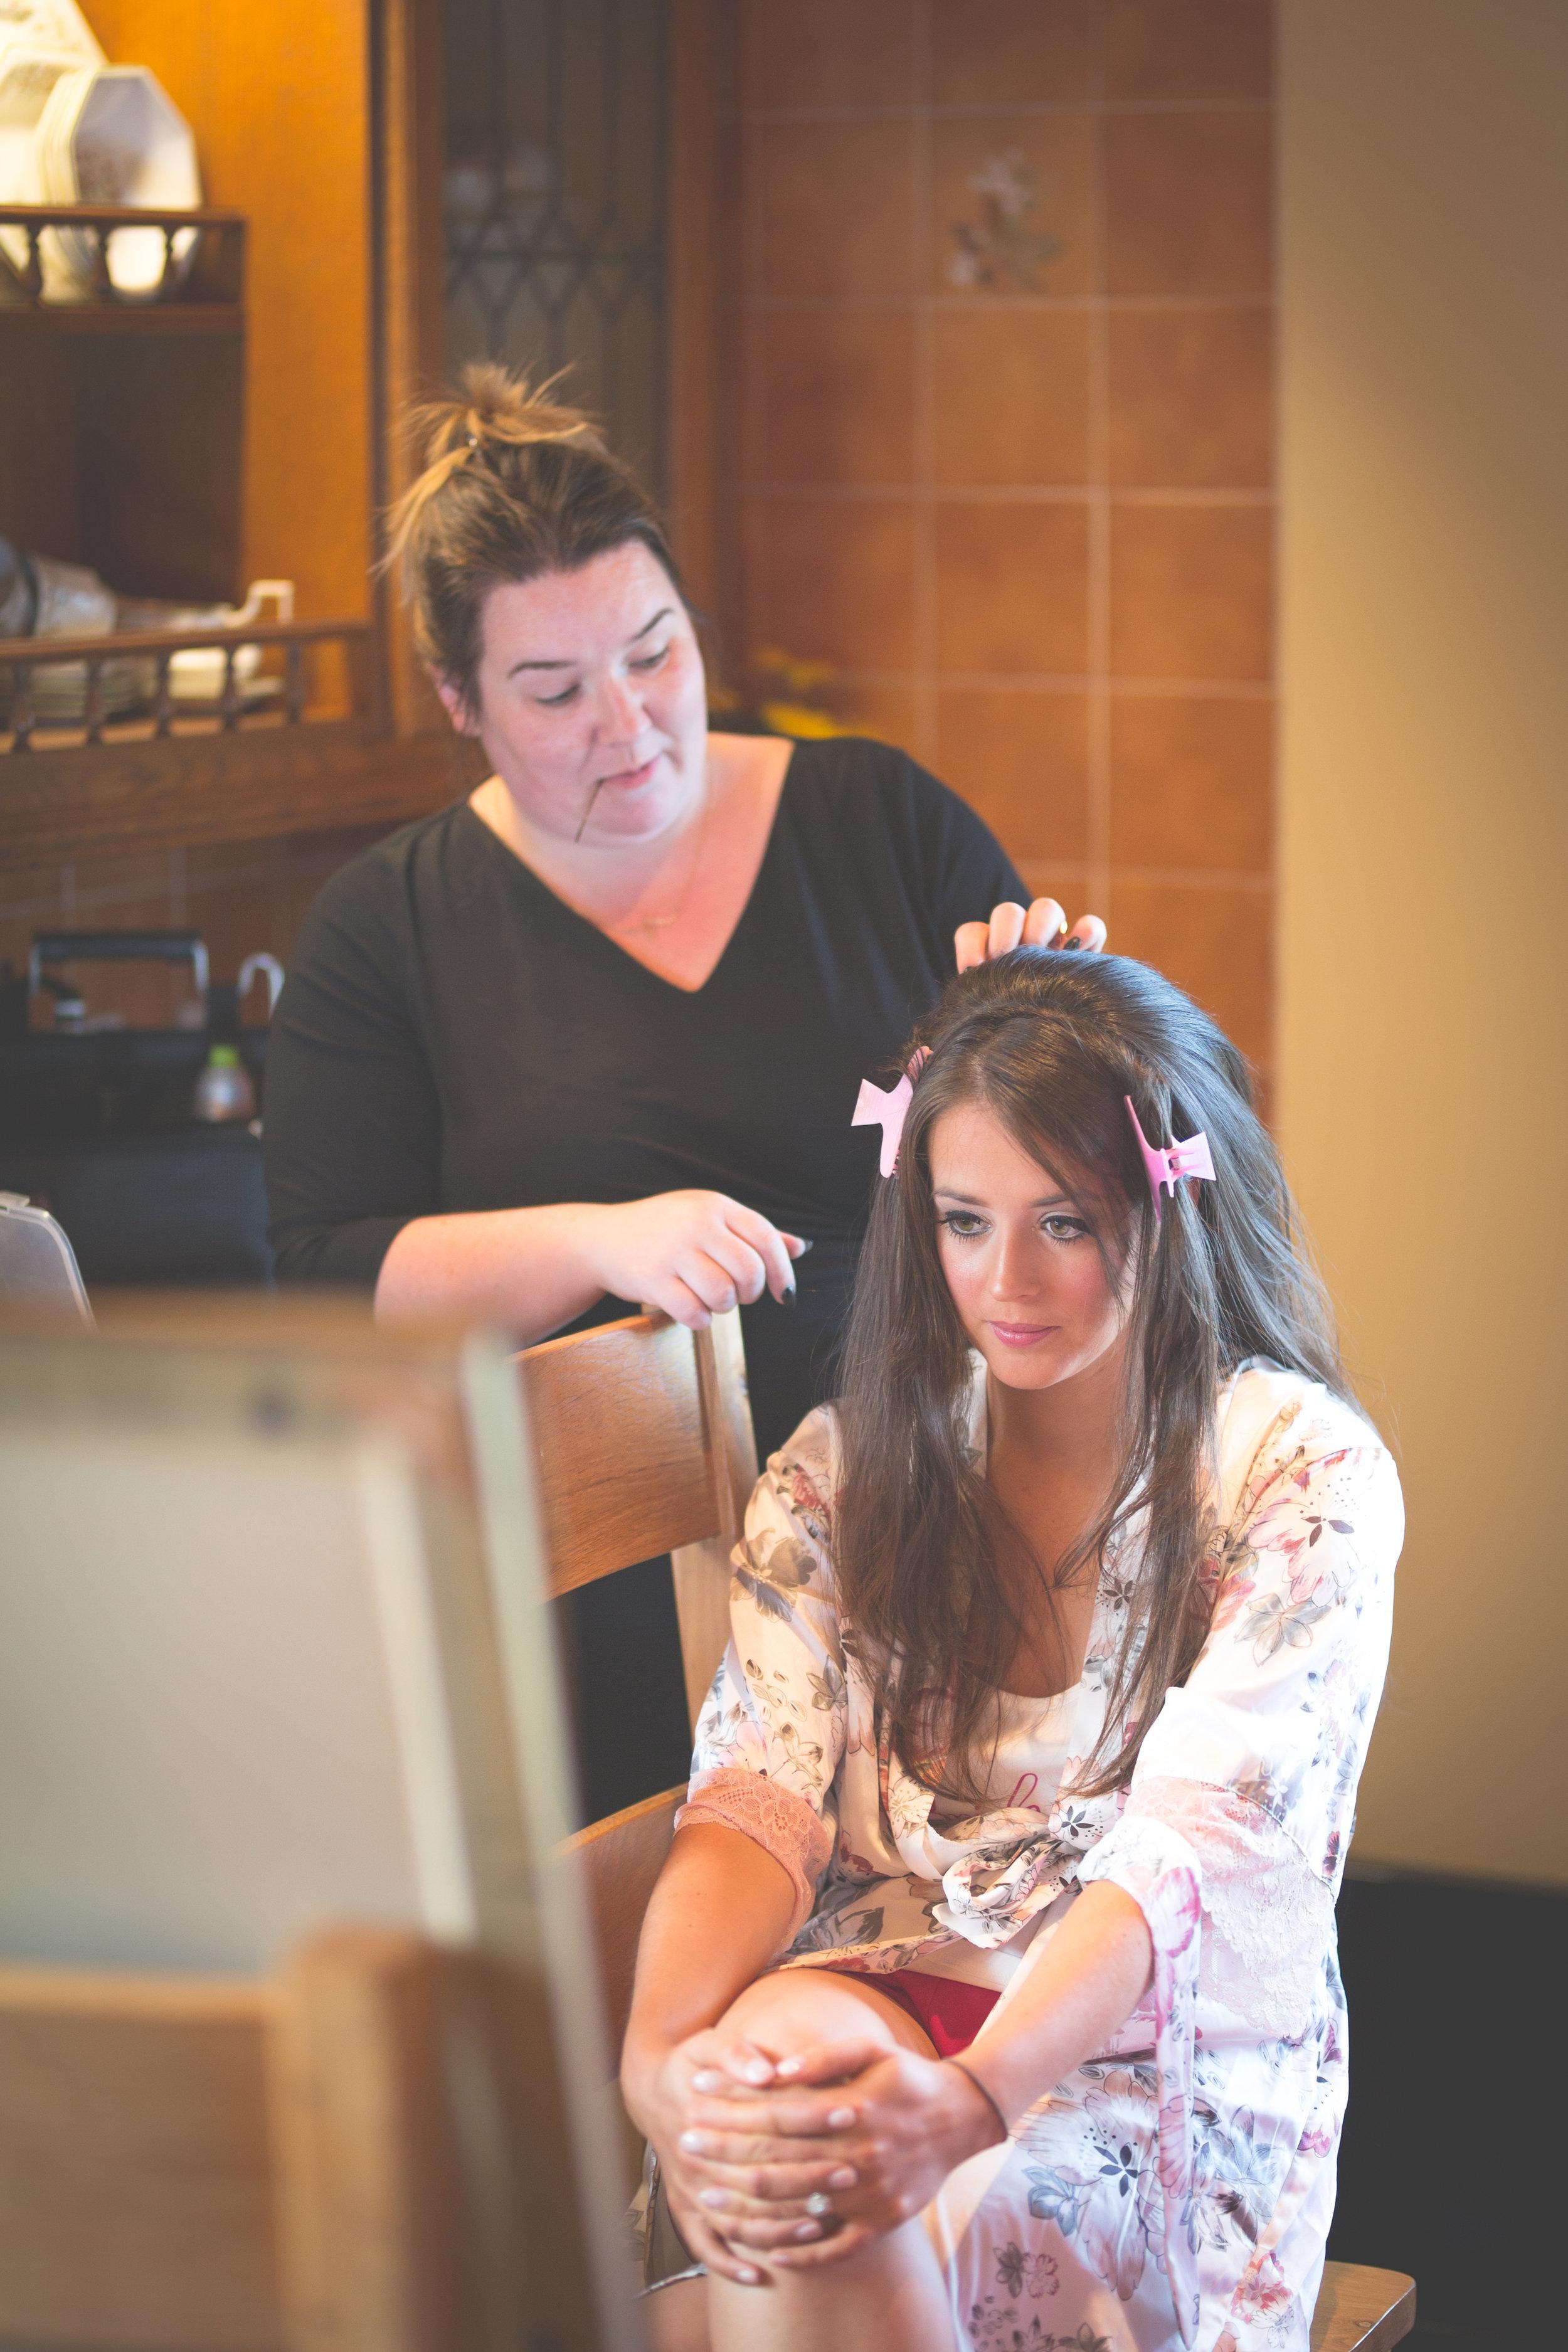 Brian McEwan Wedding Photography | Carol-Anne & Sean | Bridal Preparations-89.jpg